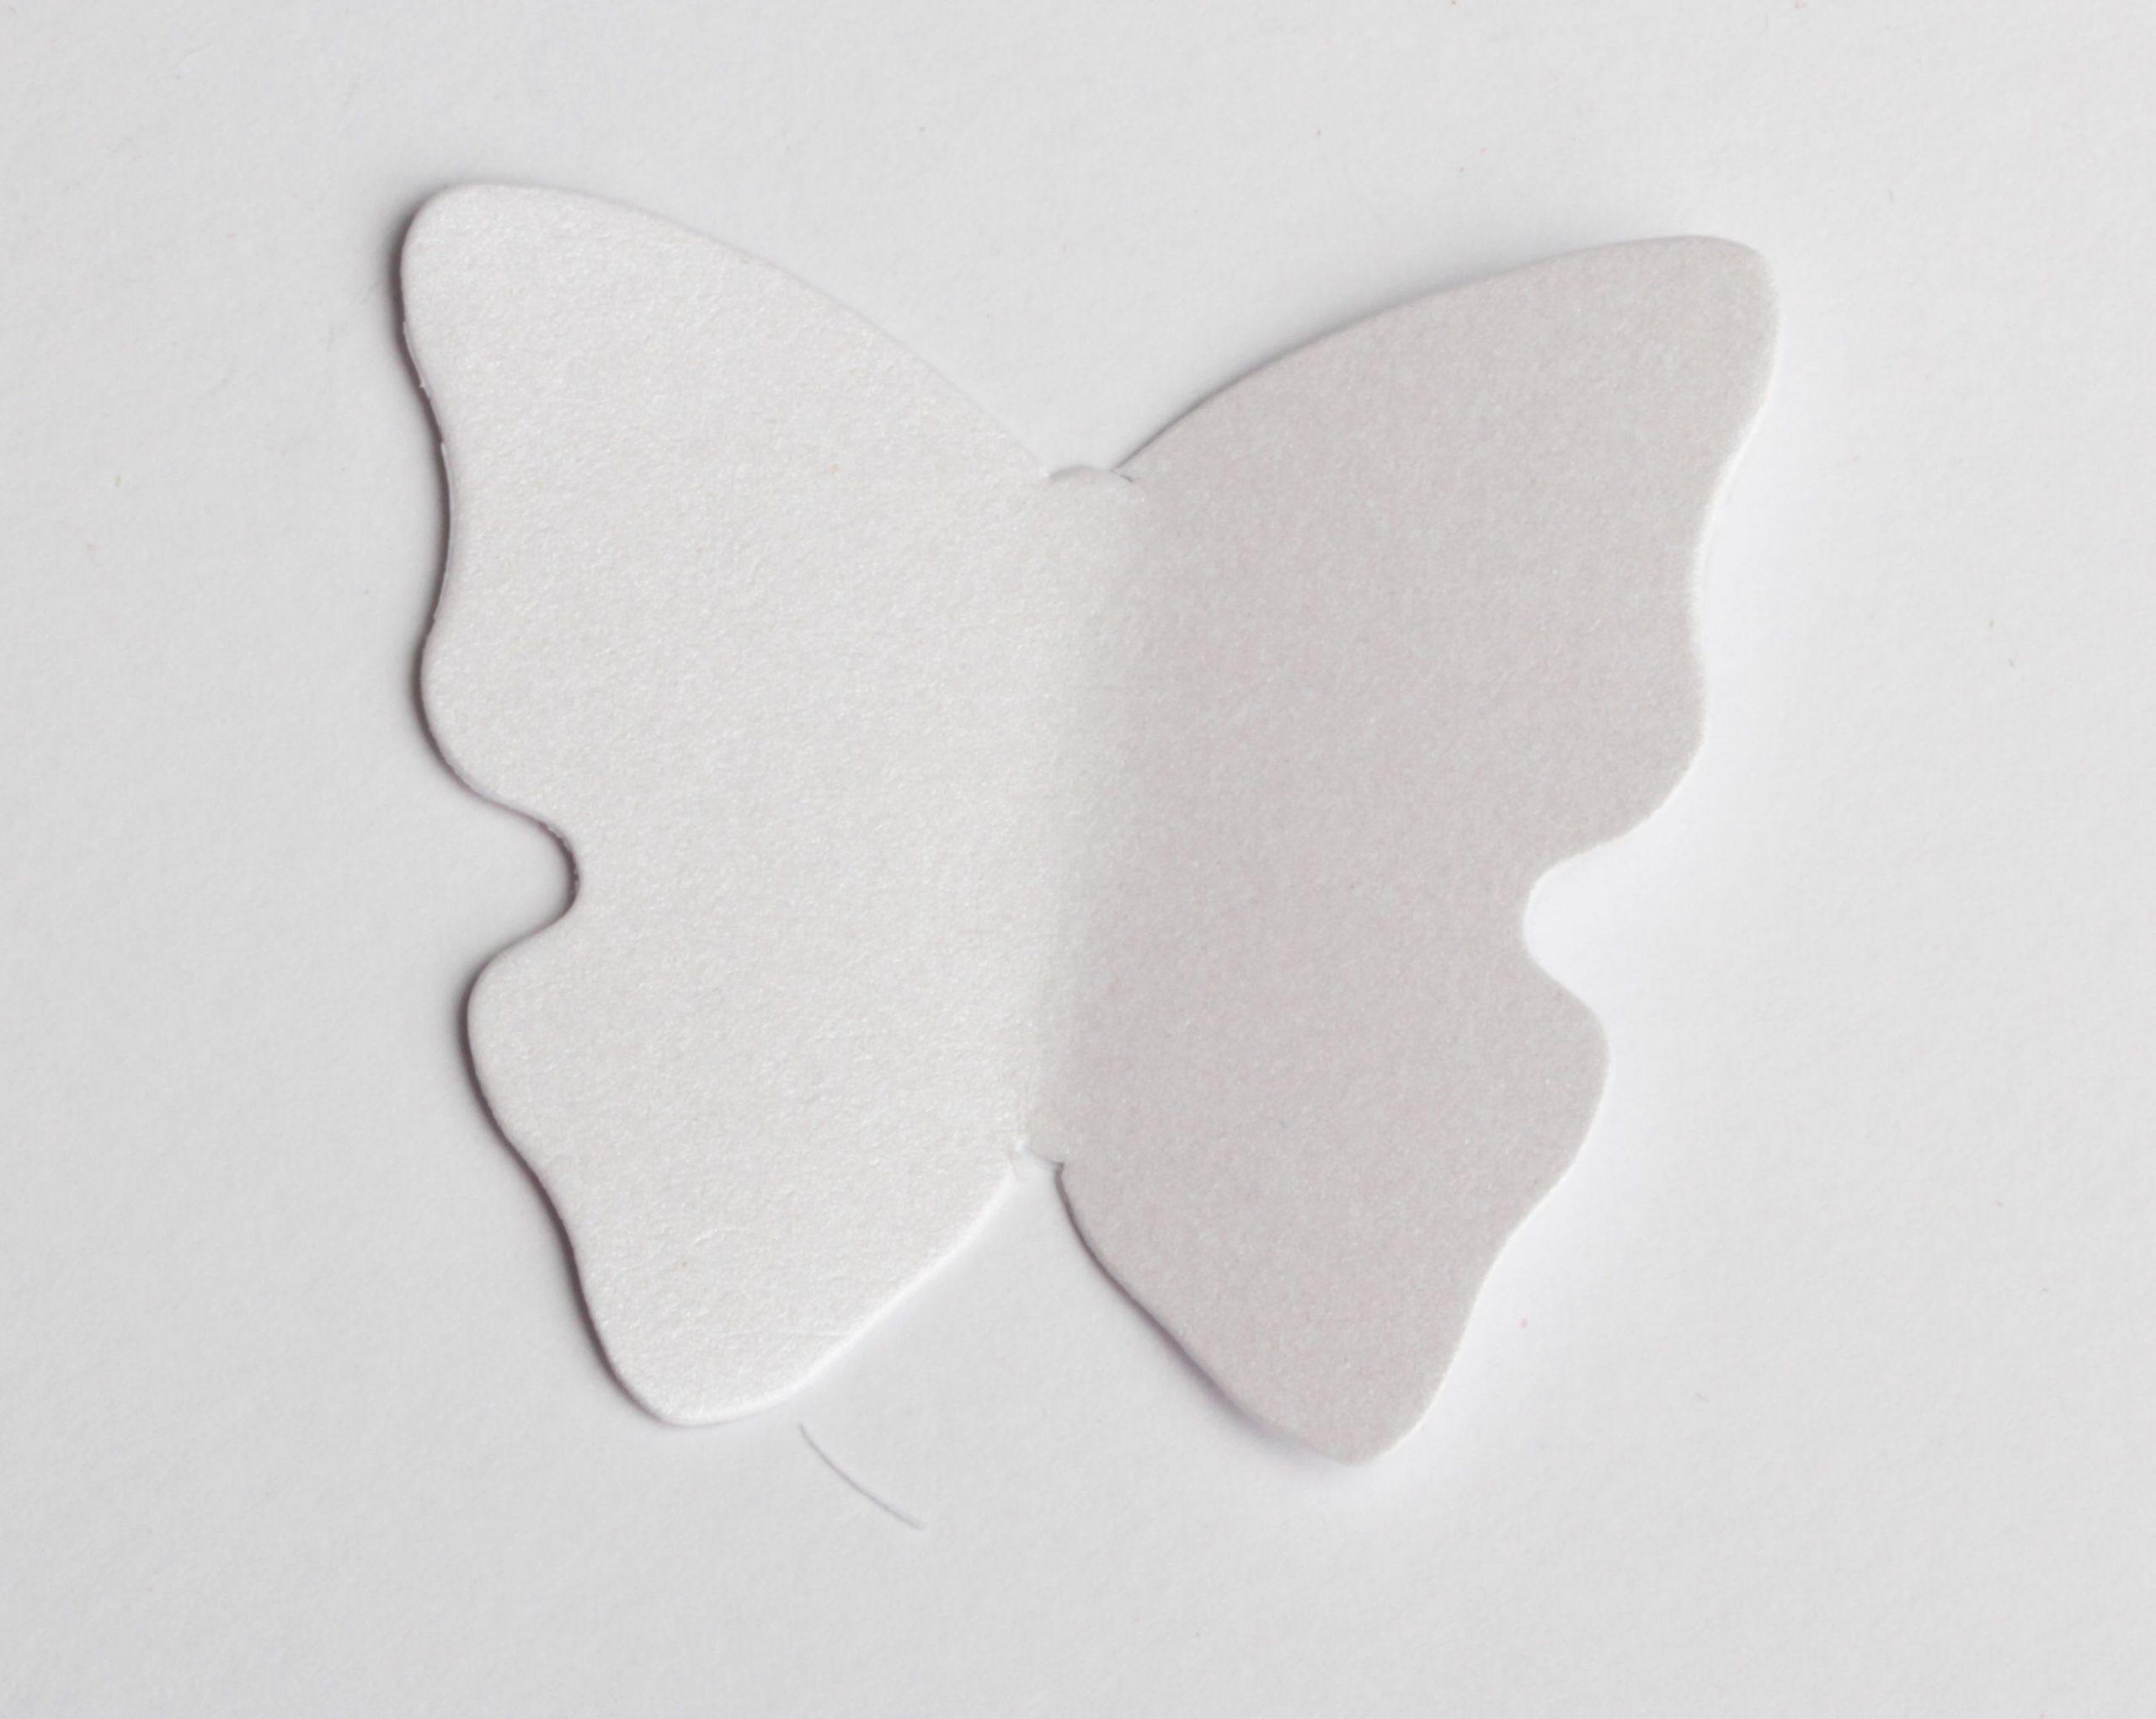 Etiquette Papillon Blanc Nacré (X12) avec Etiquette Papillon A Imprimer